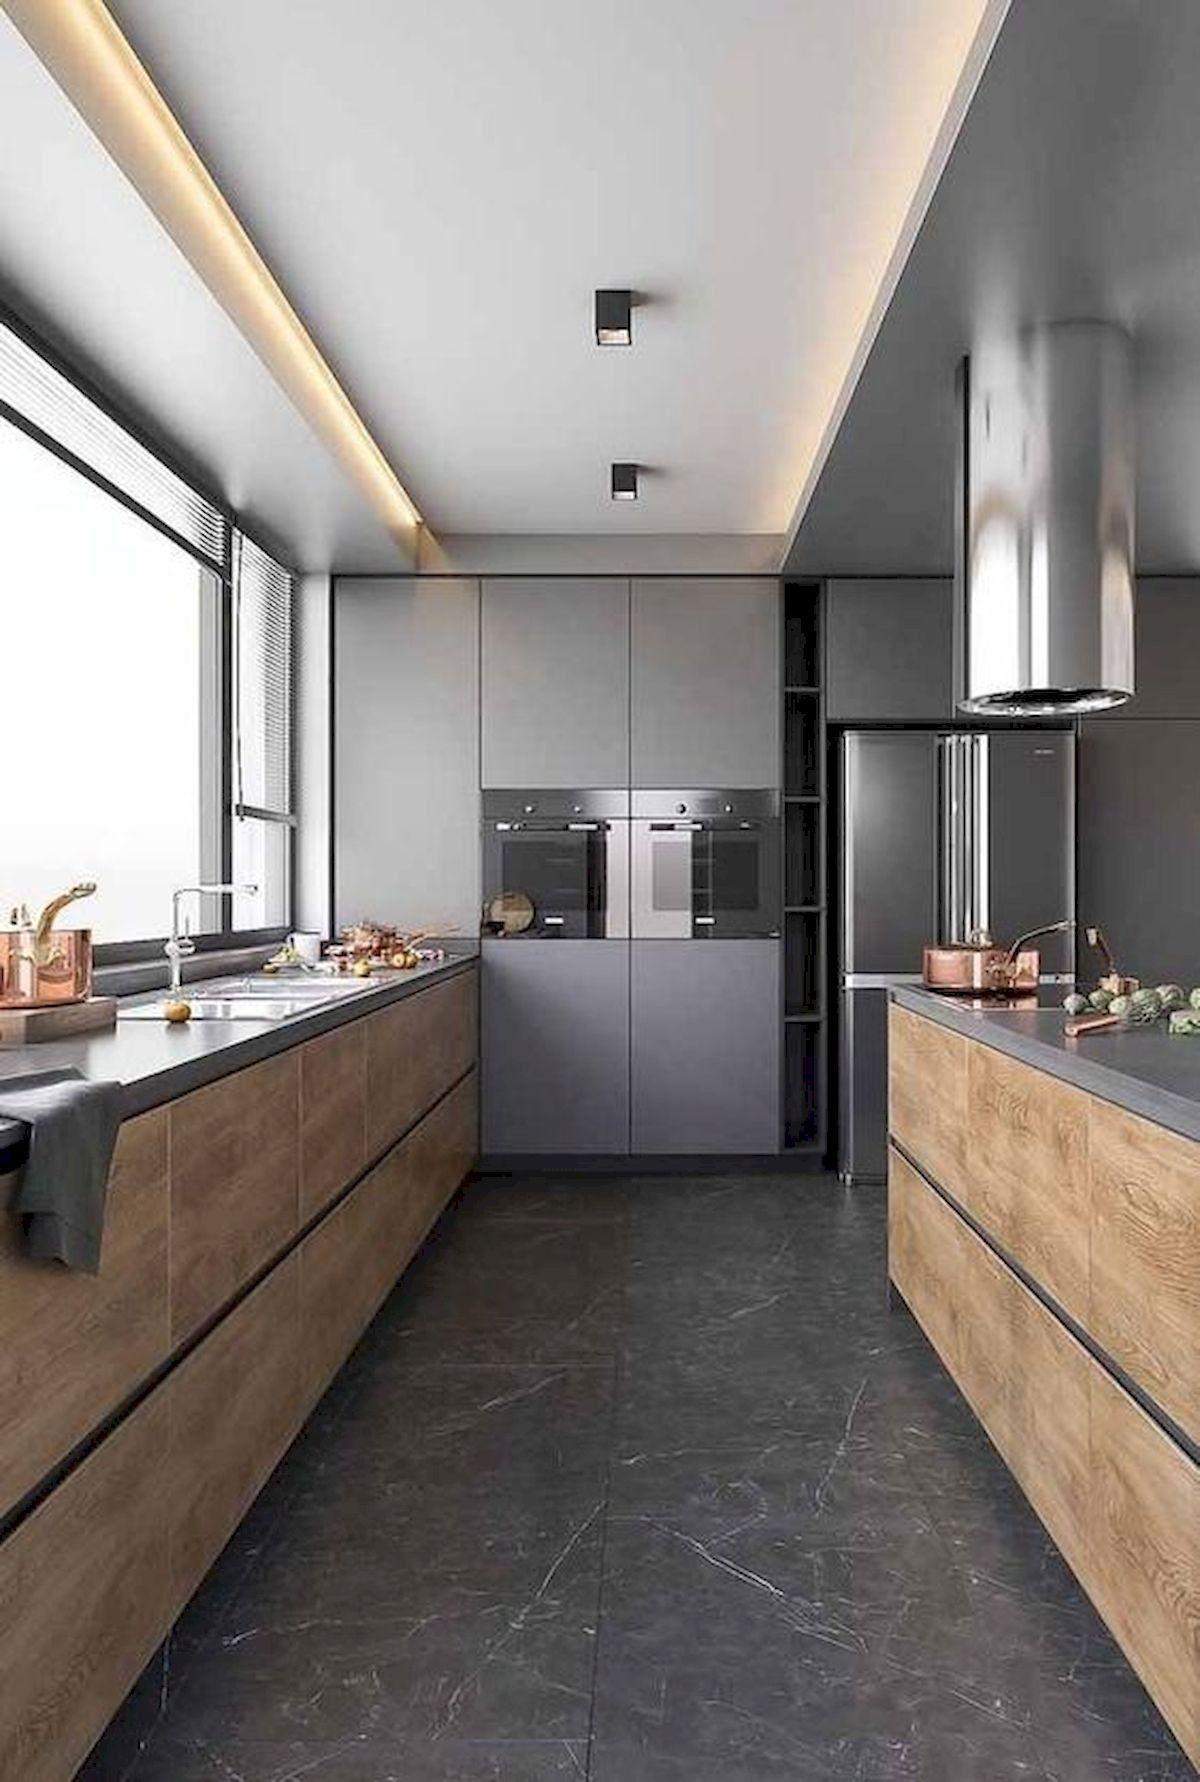 9 Stunning Modern Kitchen Design Ideas modernkitchen ...